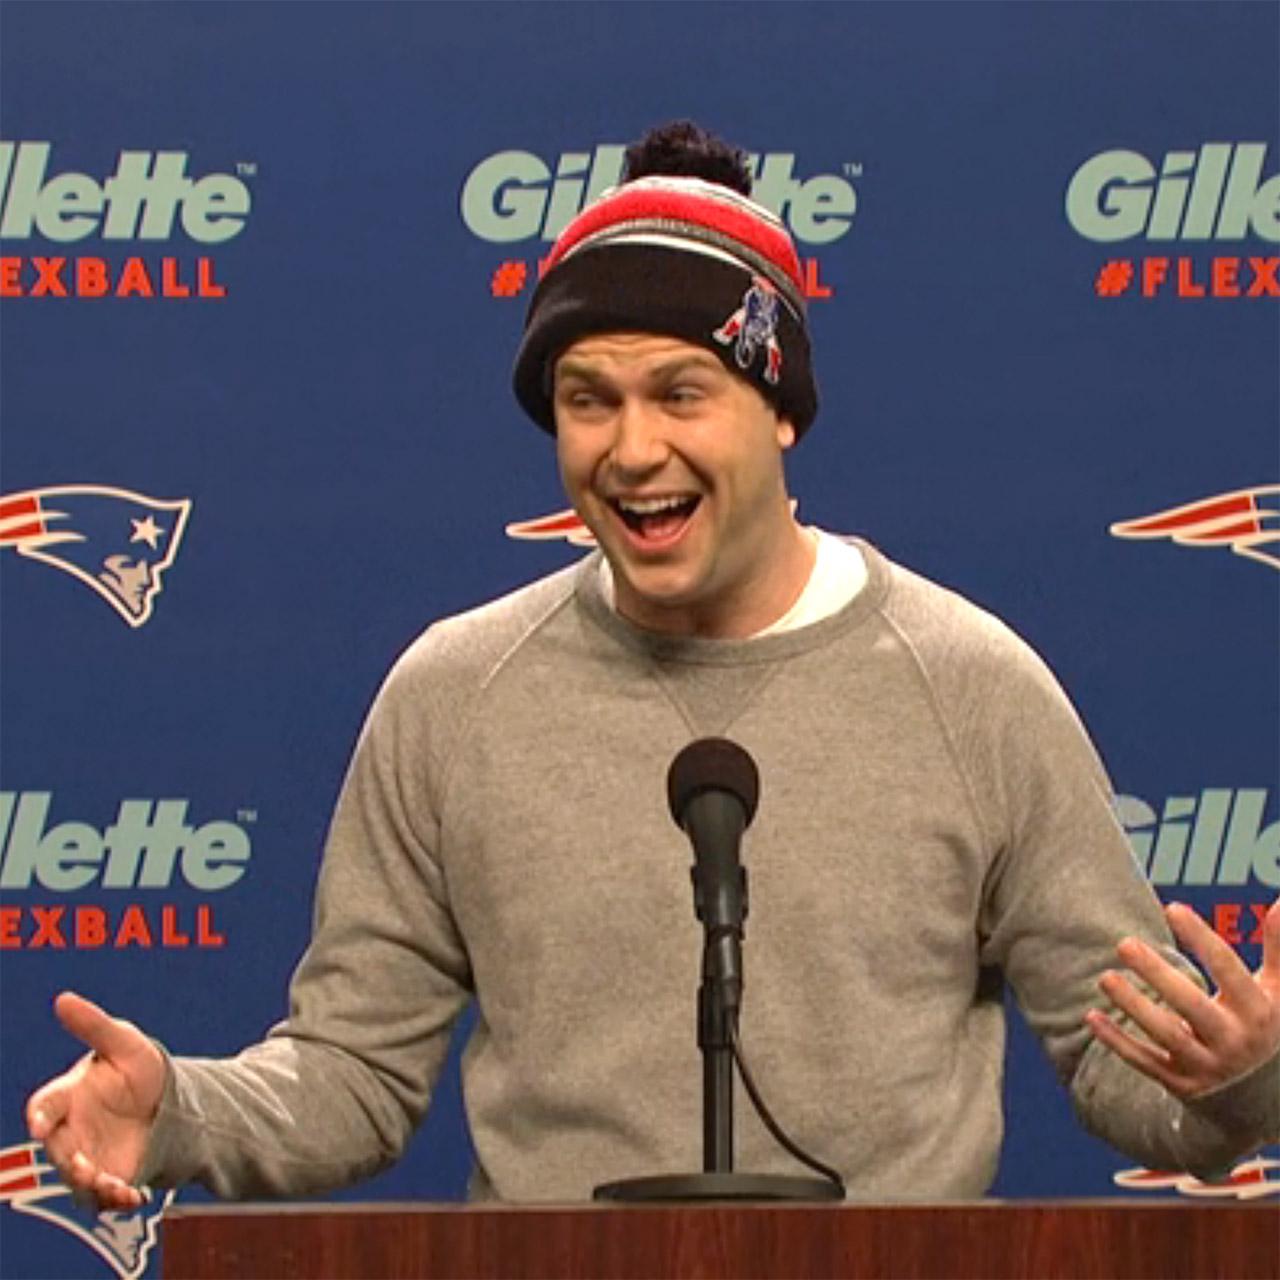 Taran Killam as Patriots QB Tom Brady tackles deflategate.